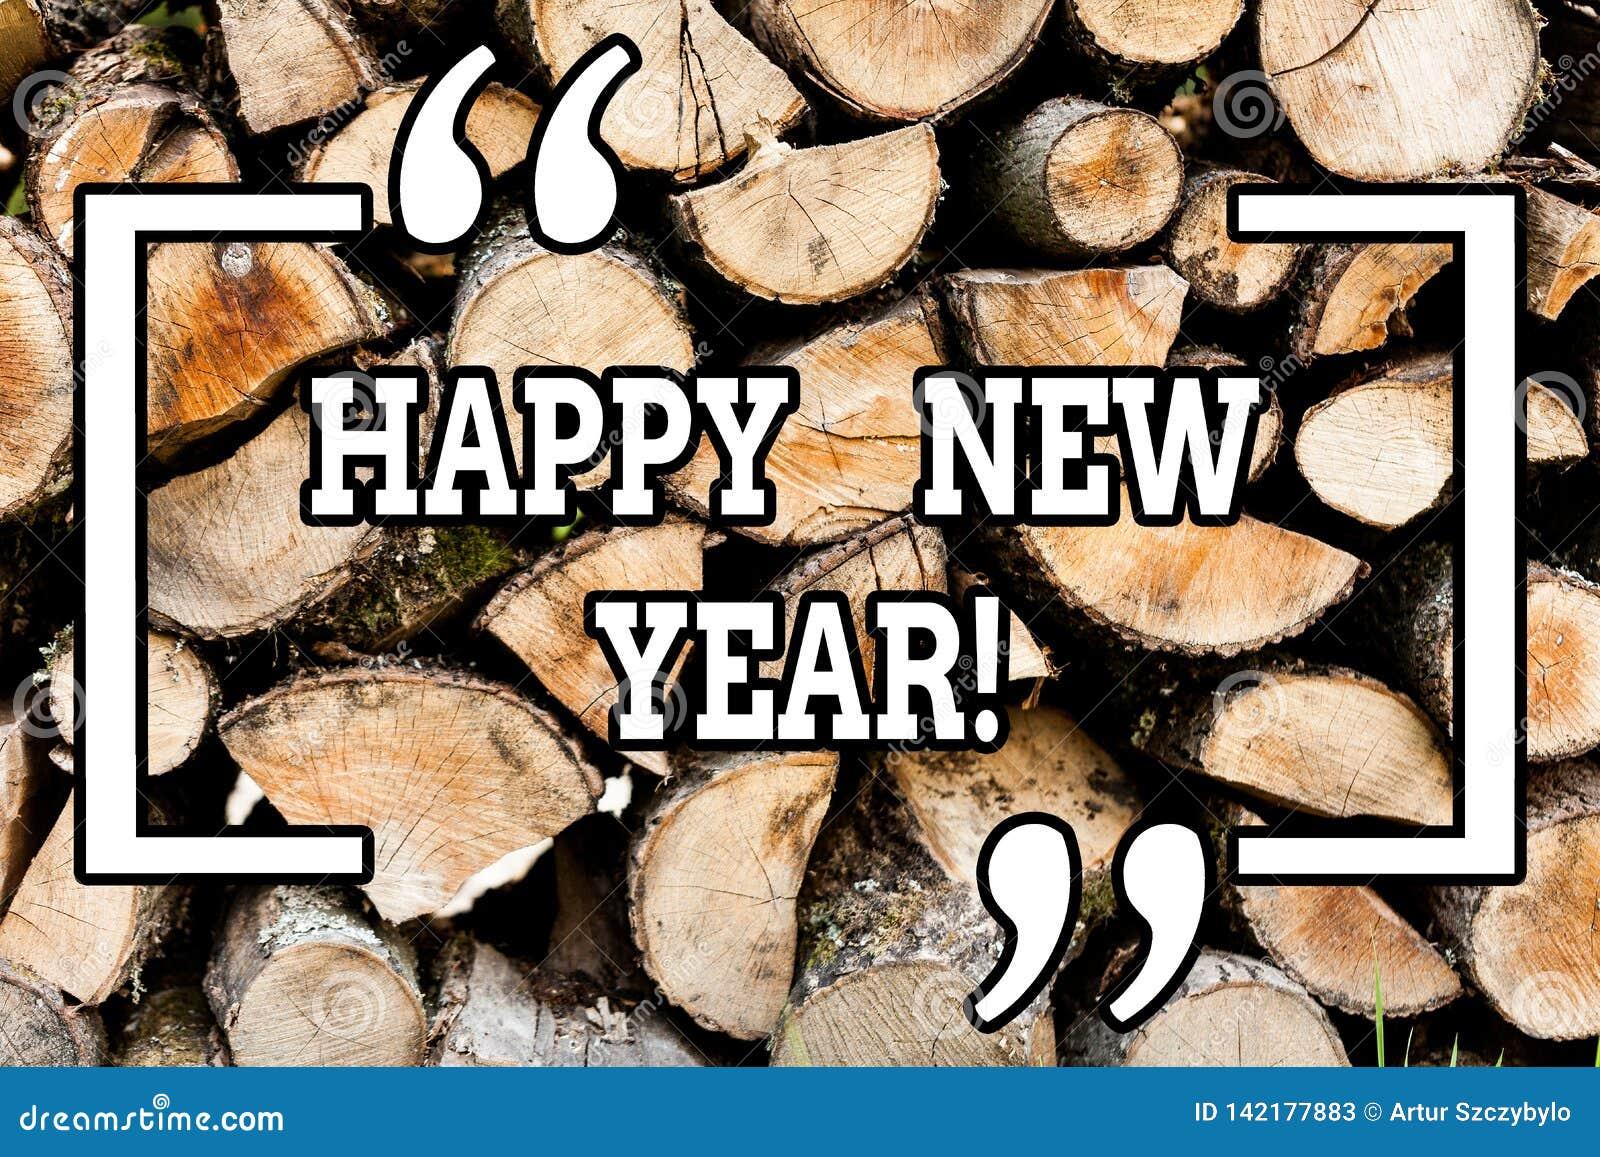 Текст почерка писать С Новым Годом! Концепция знача Xmas поздравлениям веселый каждый начинать от января деревянный